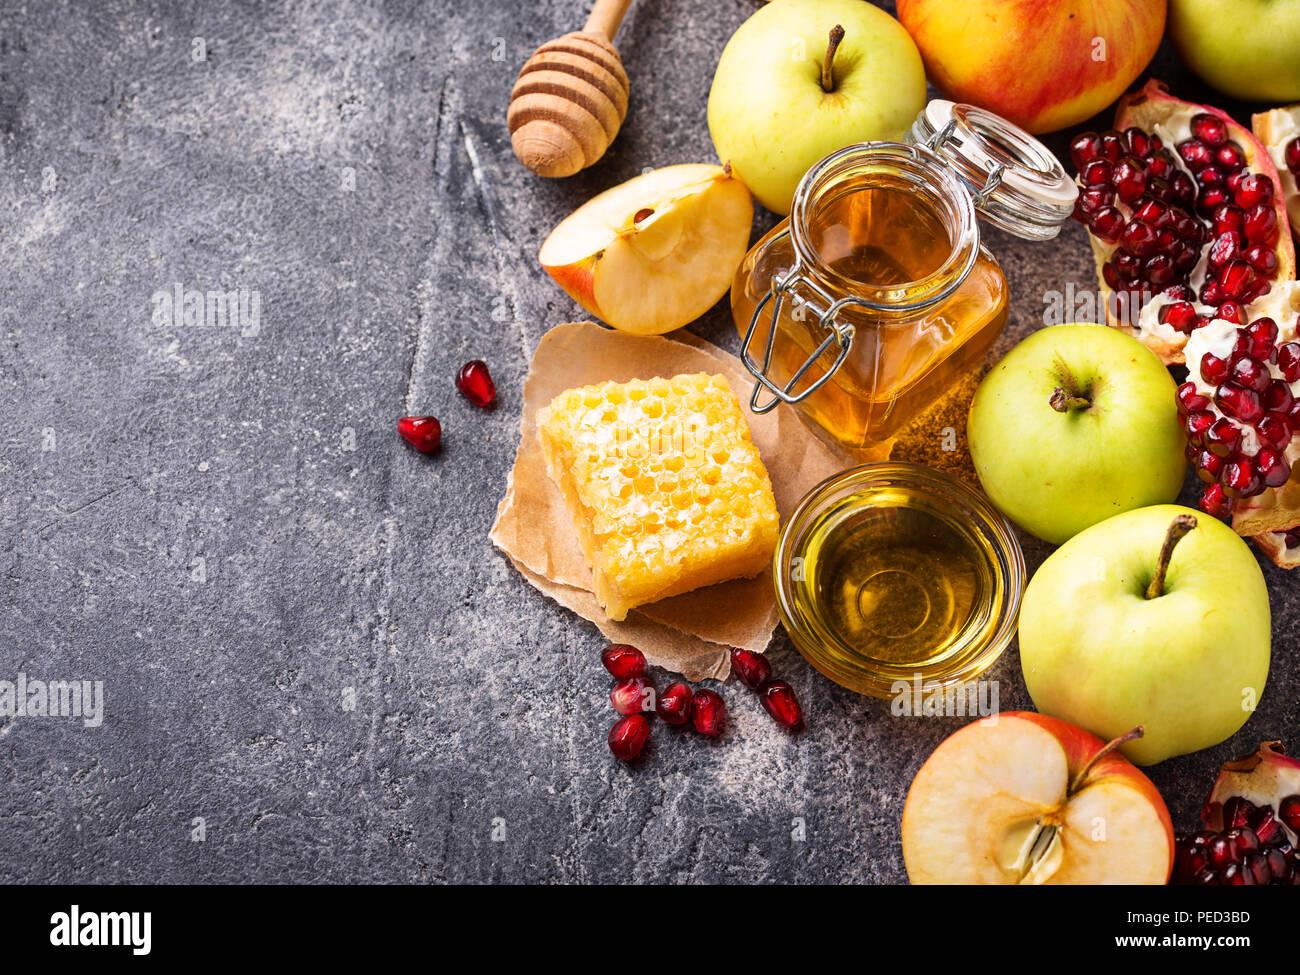 La miel, manzana y Granada para Rosh Hashaná Imagen De Stock